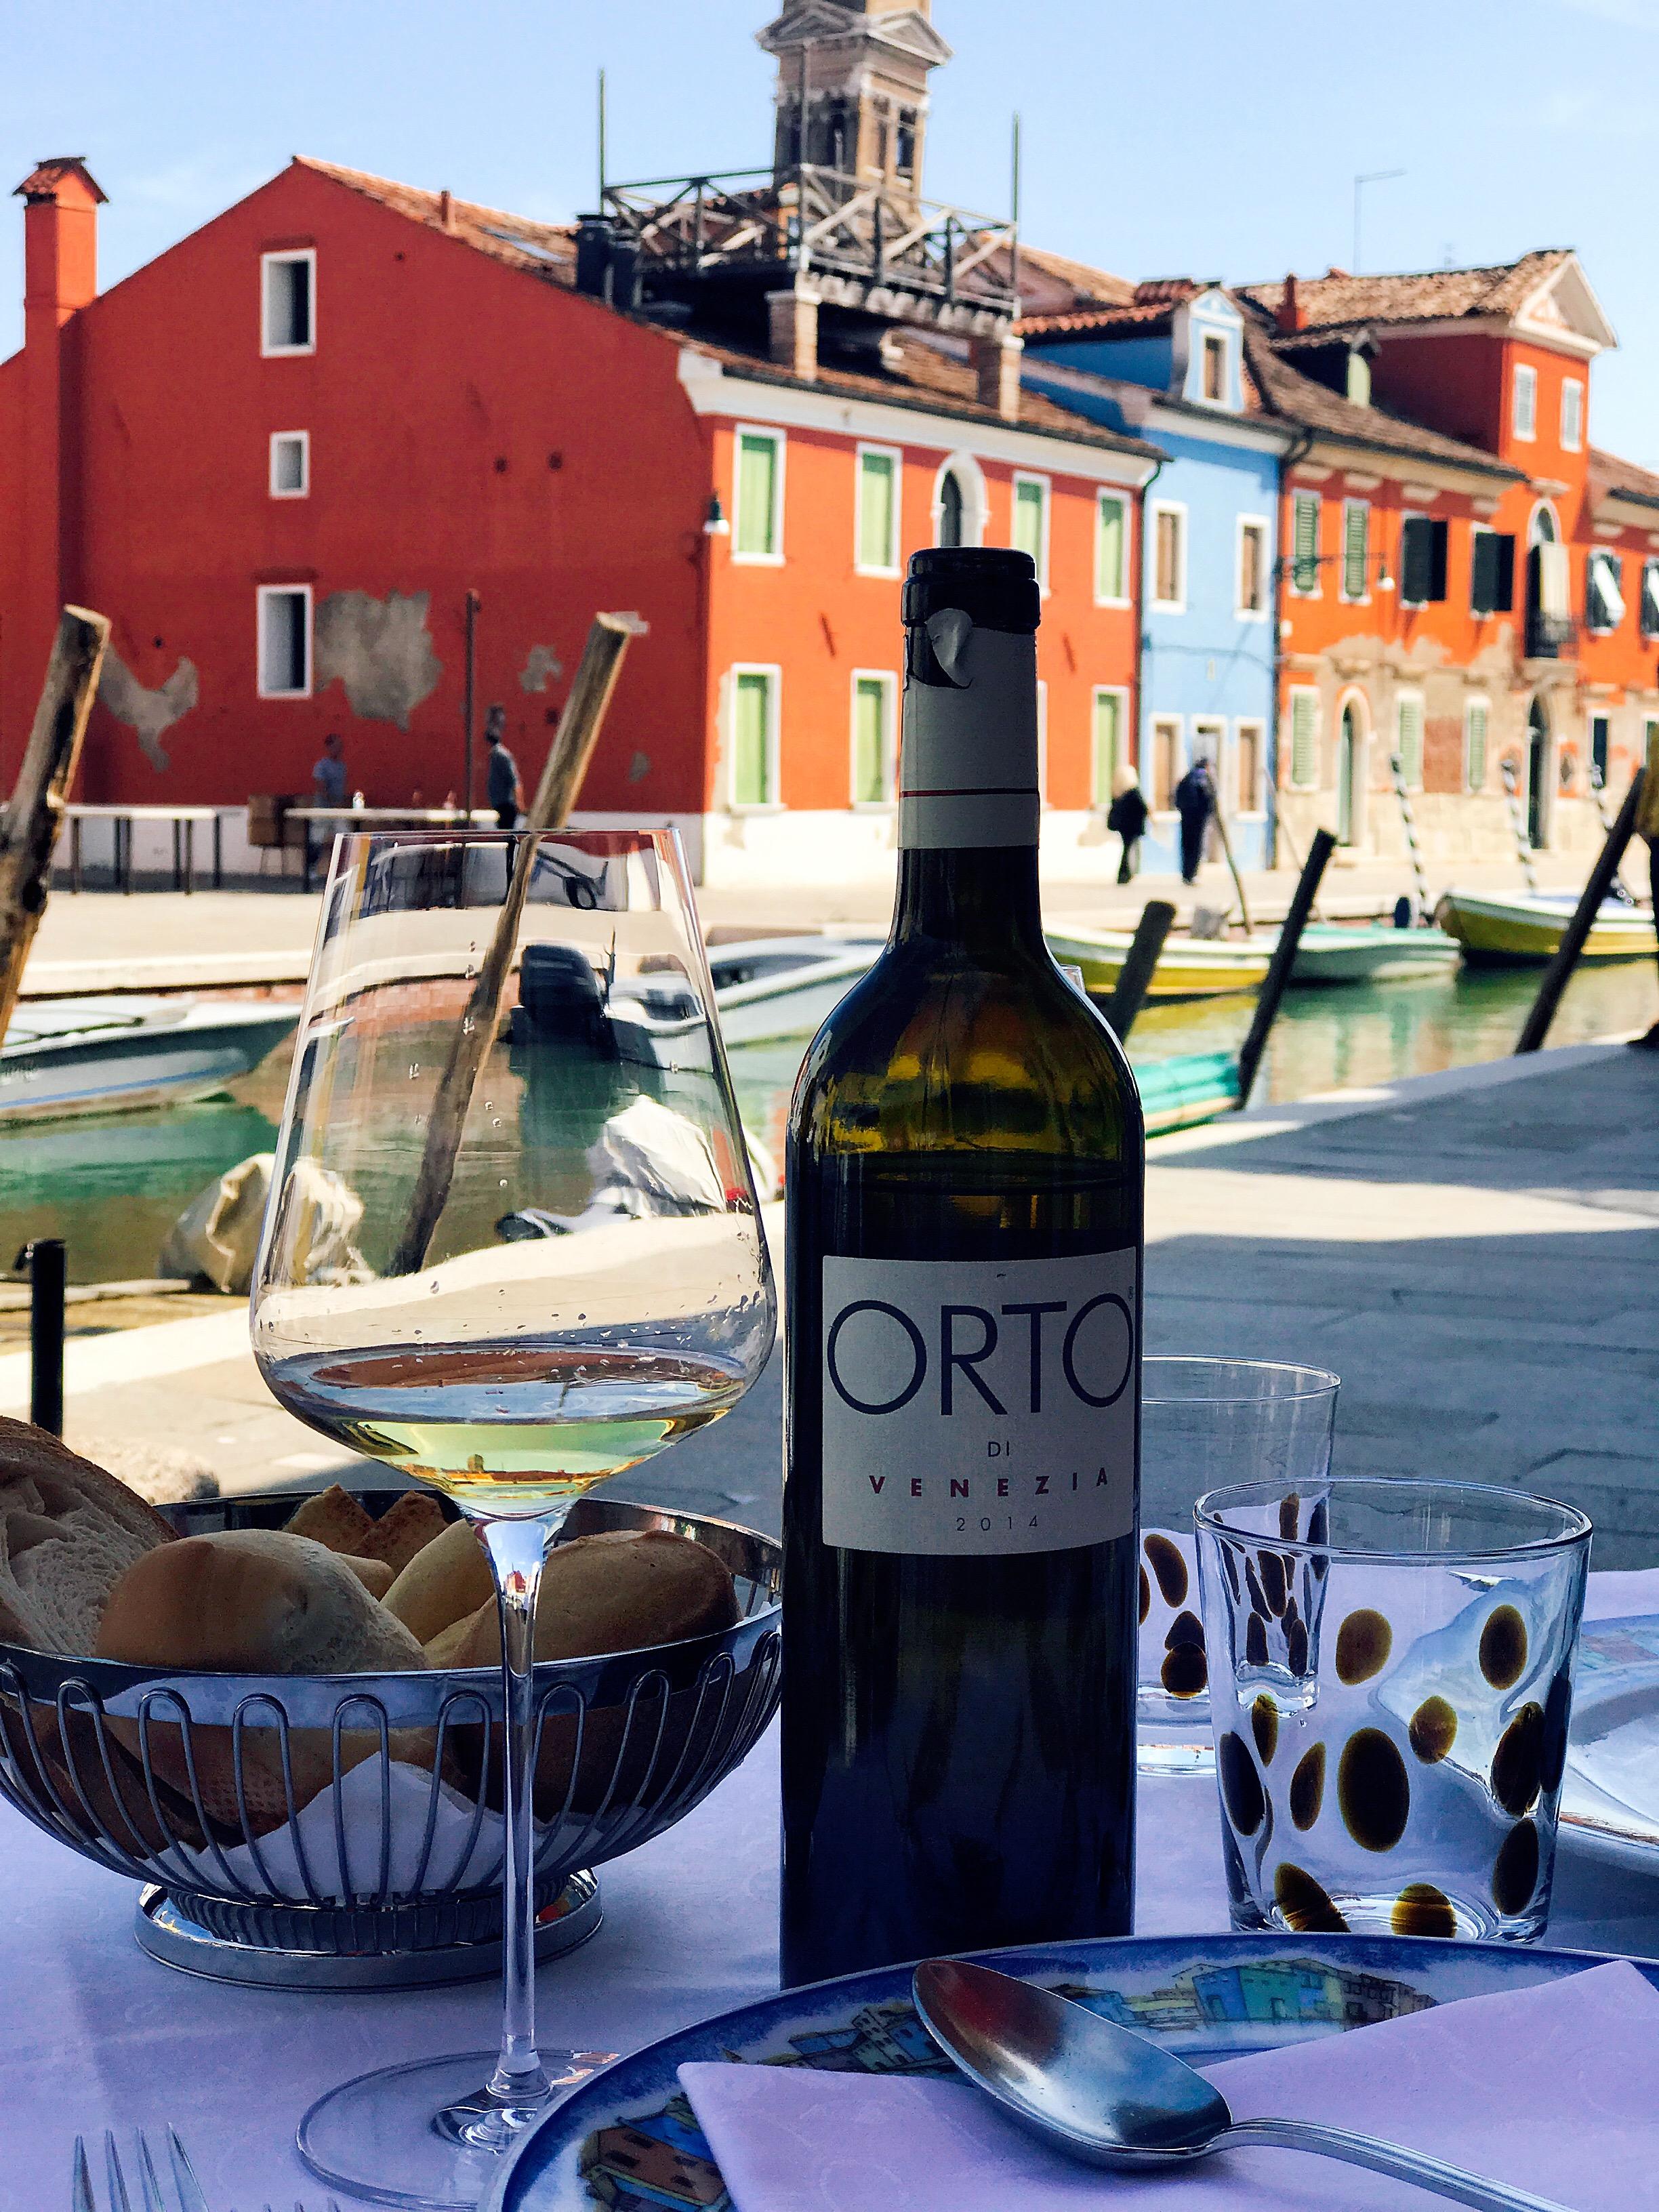 Trattoria al Gatto Nero: Enjoying a bottle of wine produced locally